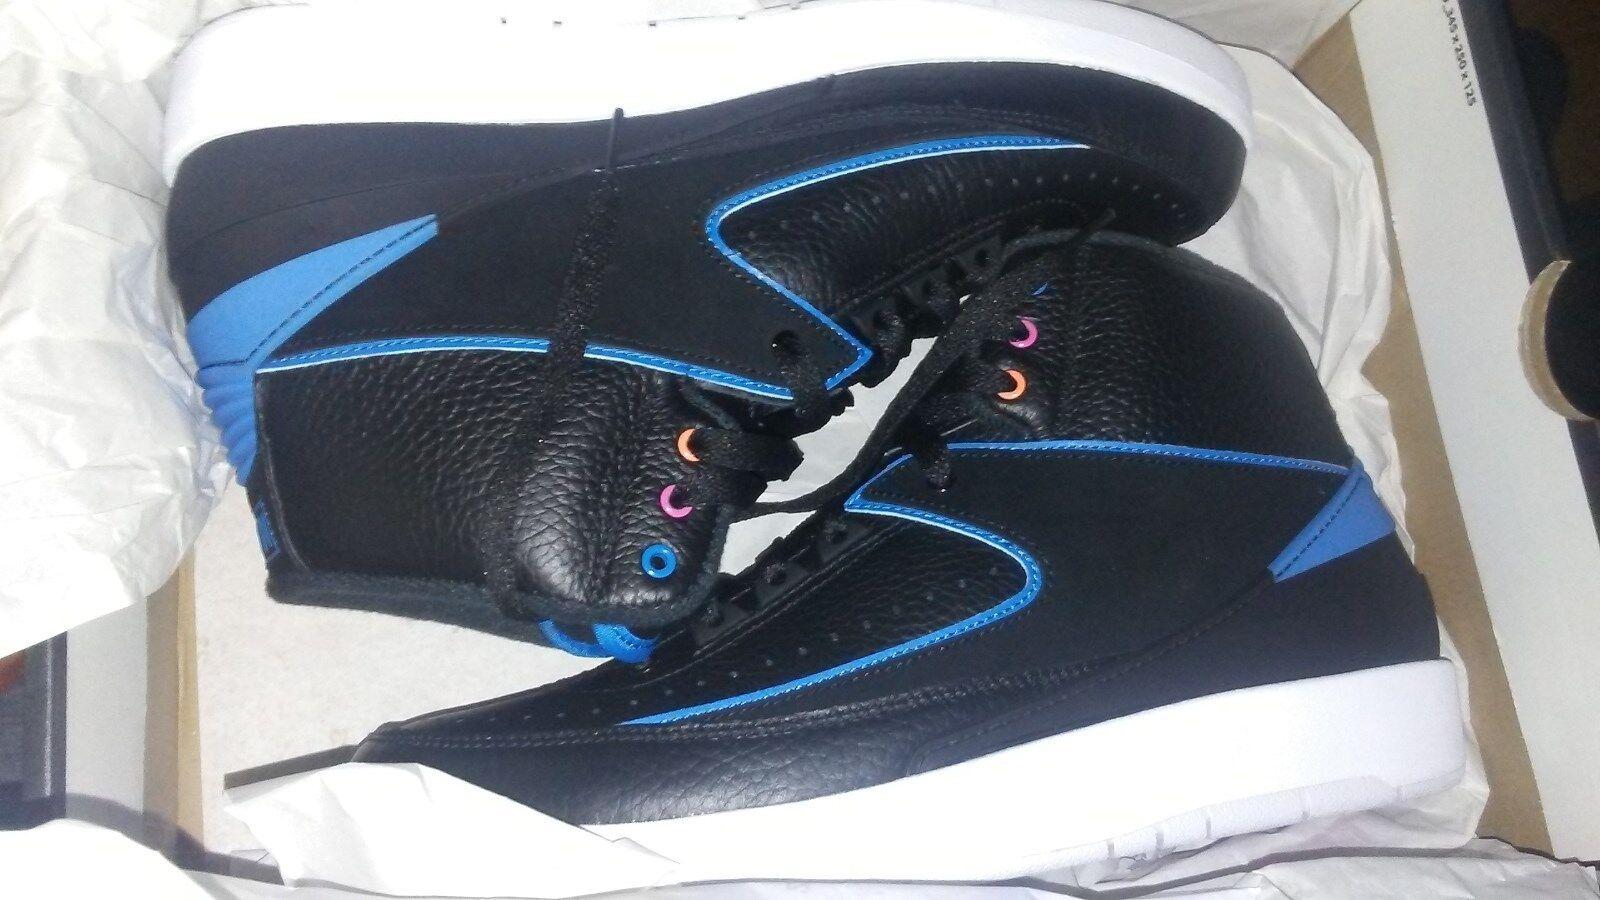 AIR JORDAN RETRO 2 Radio Raheem black blueee shoes Sneakers black 10